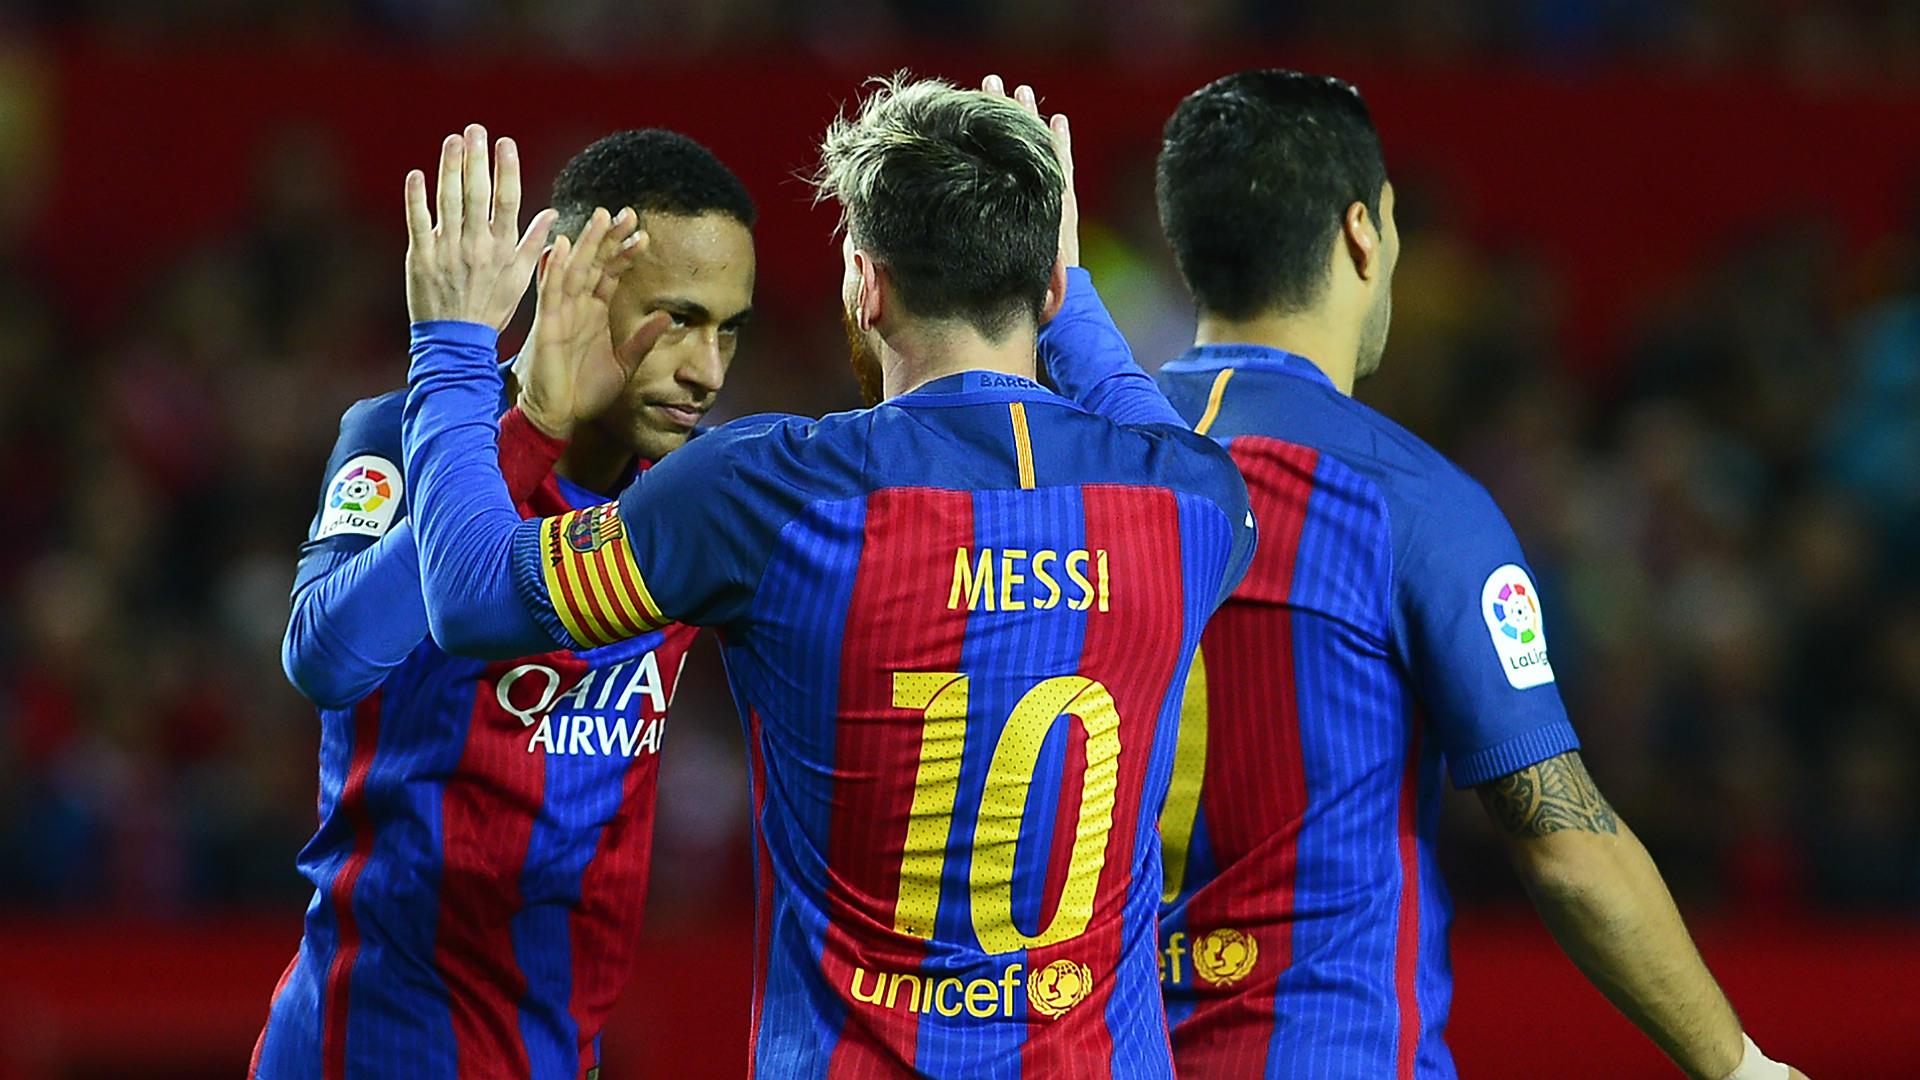 Sevilla 1-2 Barcelona: Messi and Suarez fire Catalan comeback